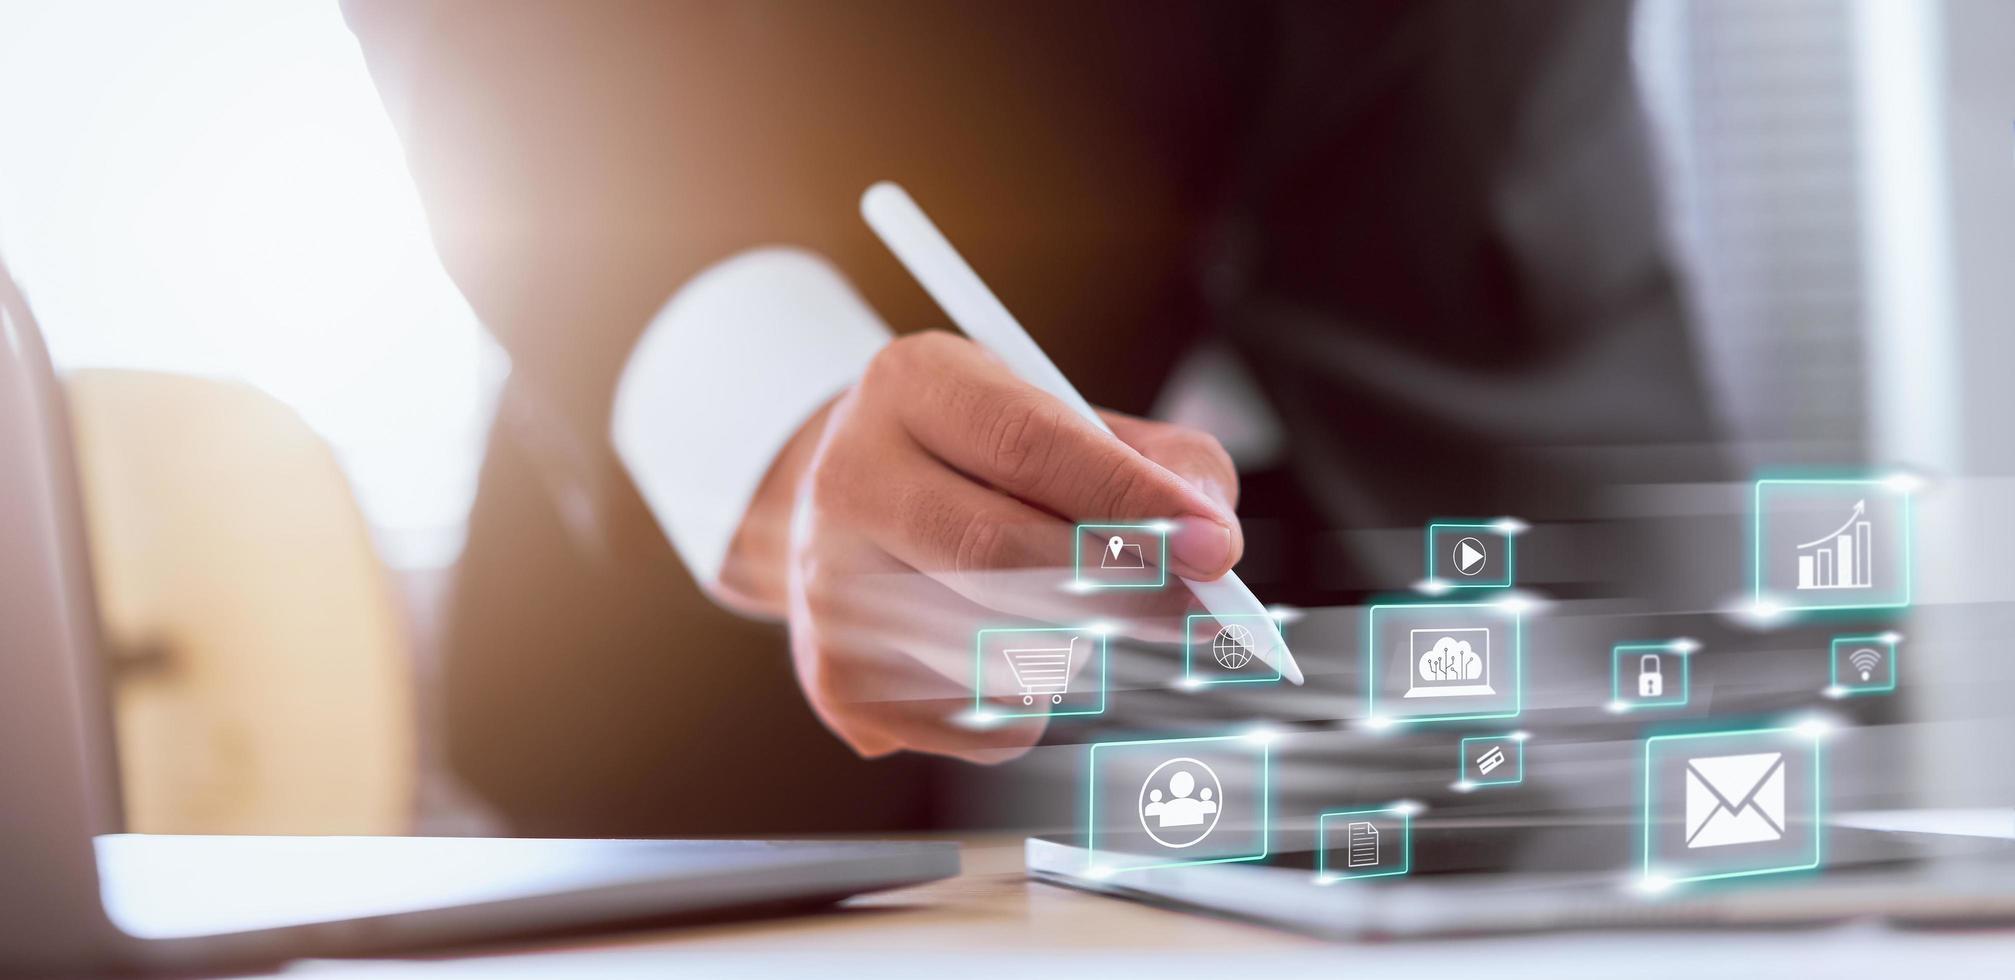 Geschäftsmann, der soziale Medien verwendet, die auf Tablet-Computer arbeiten foto